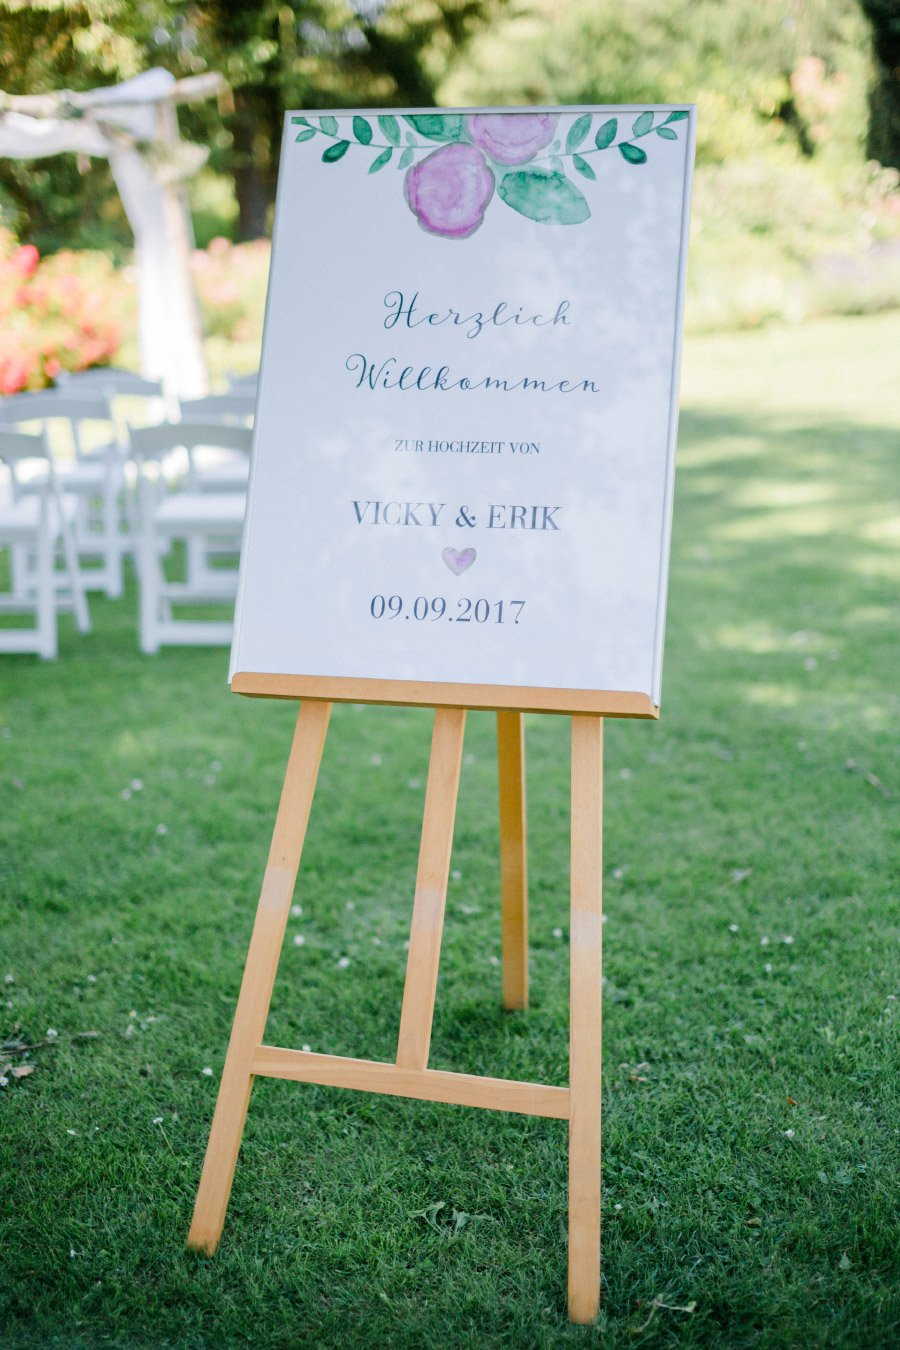 Willkommensschild bei der Hochzeit auf einer Staffelei